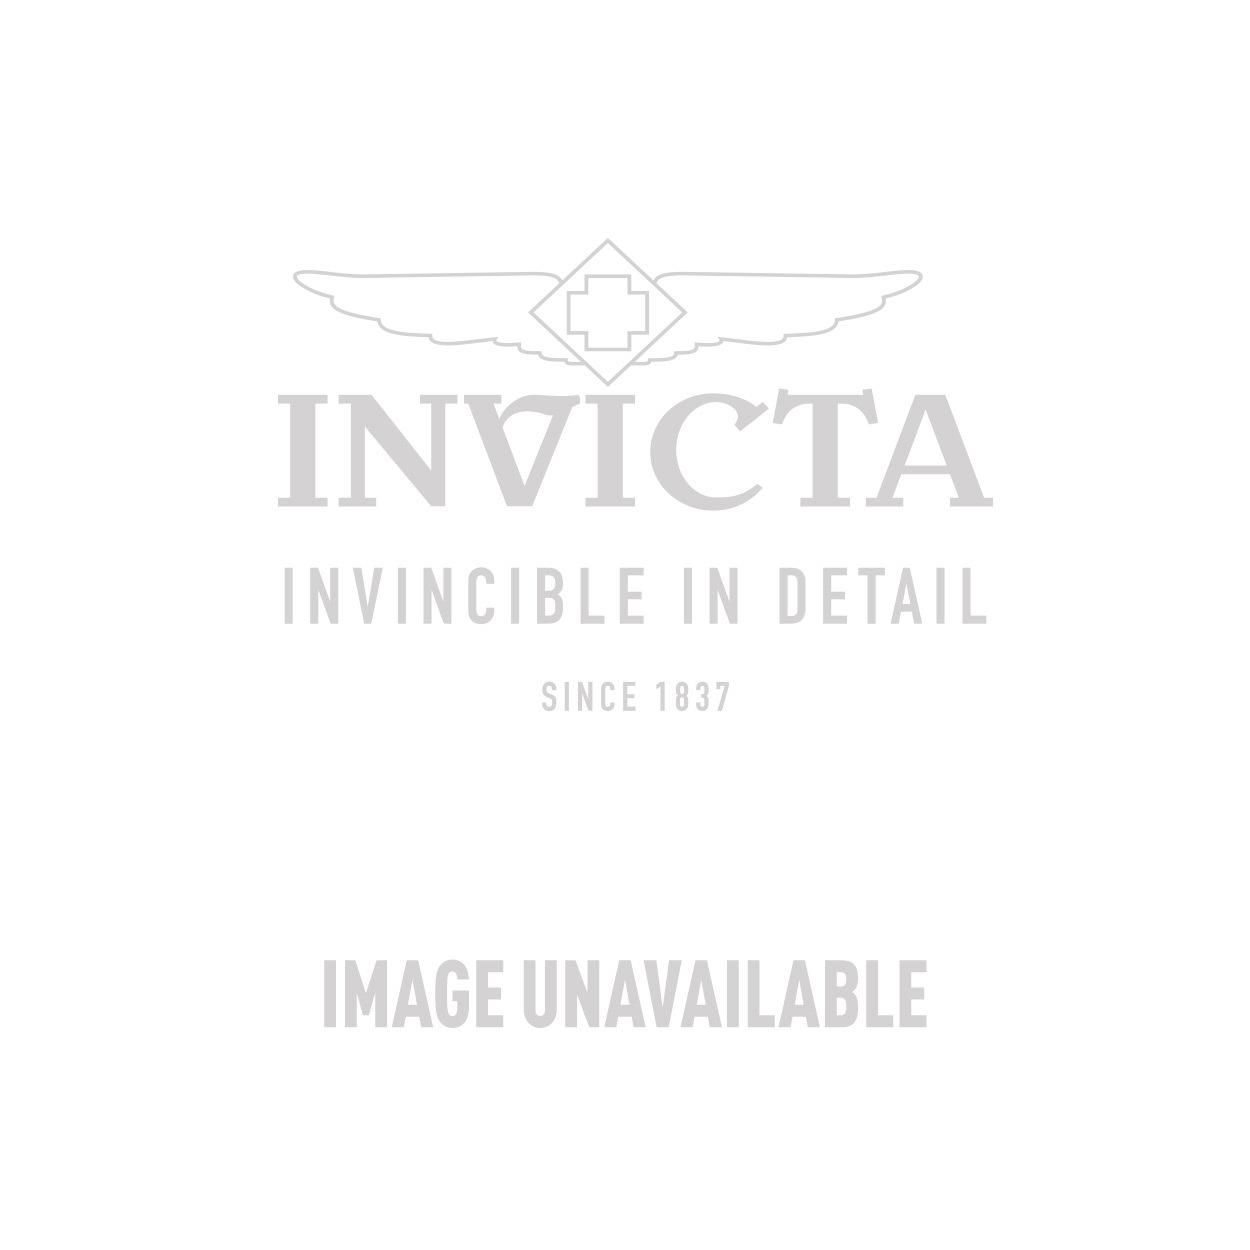 Invicta Model 27396